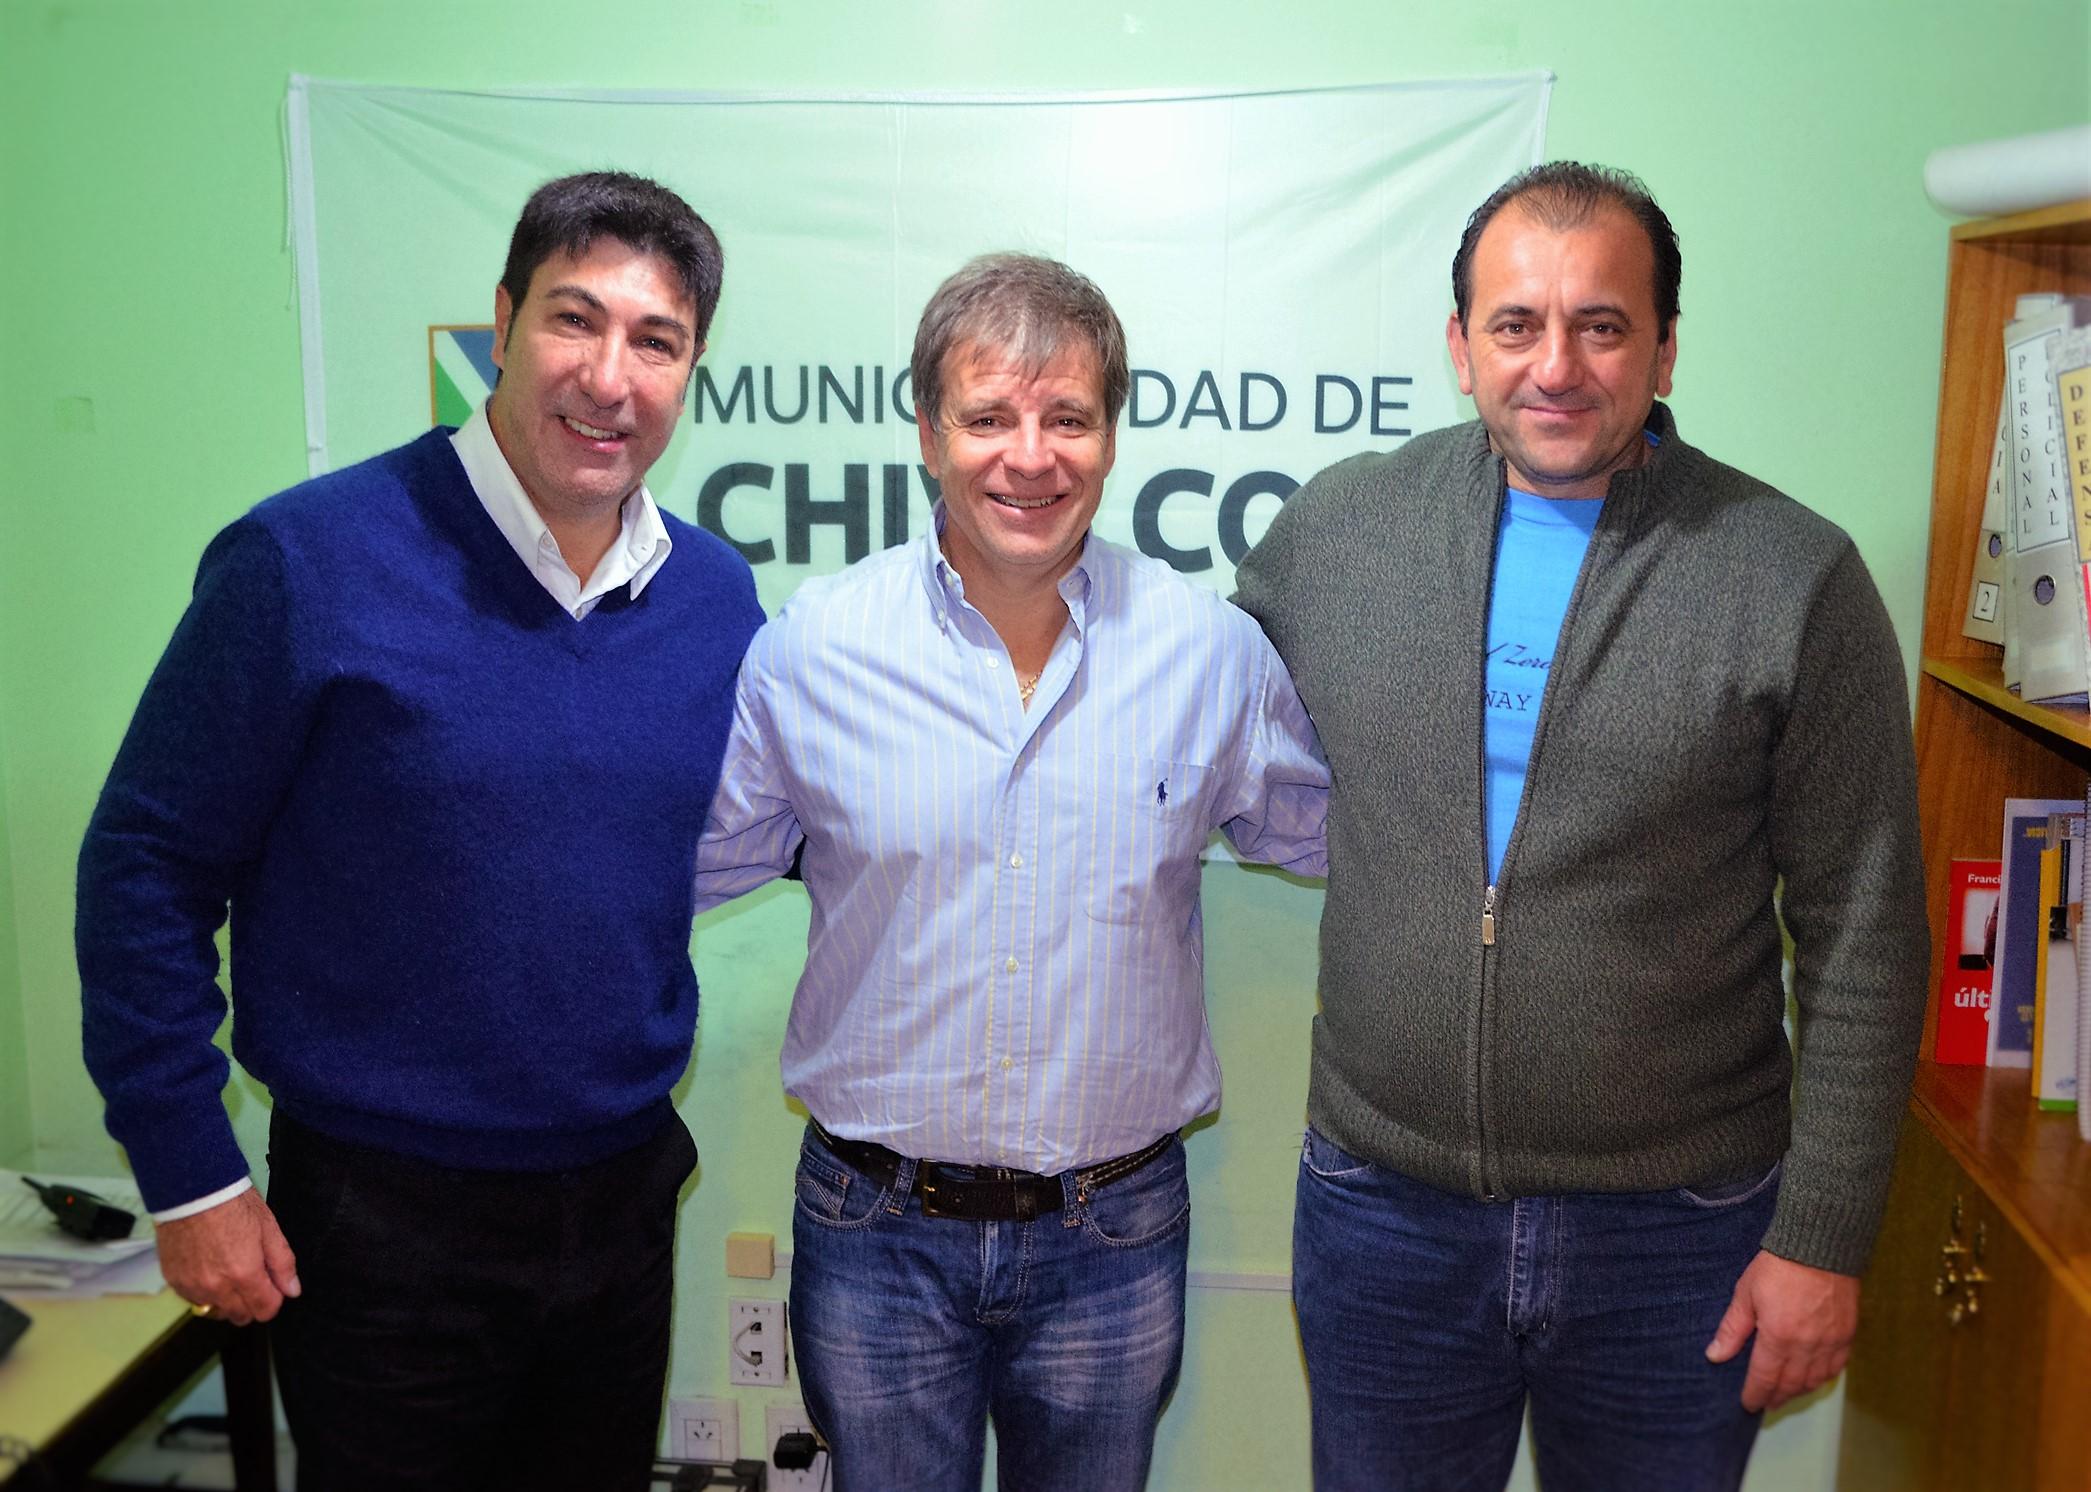 SEC-CARLOS-PERILLO-DIRECTOR-MARCELO-LOYOLA--COORD.-DE-DEFENSA-CIVIL-ESTEBAN-GENARO